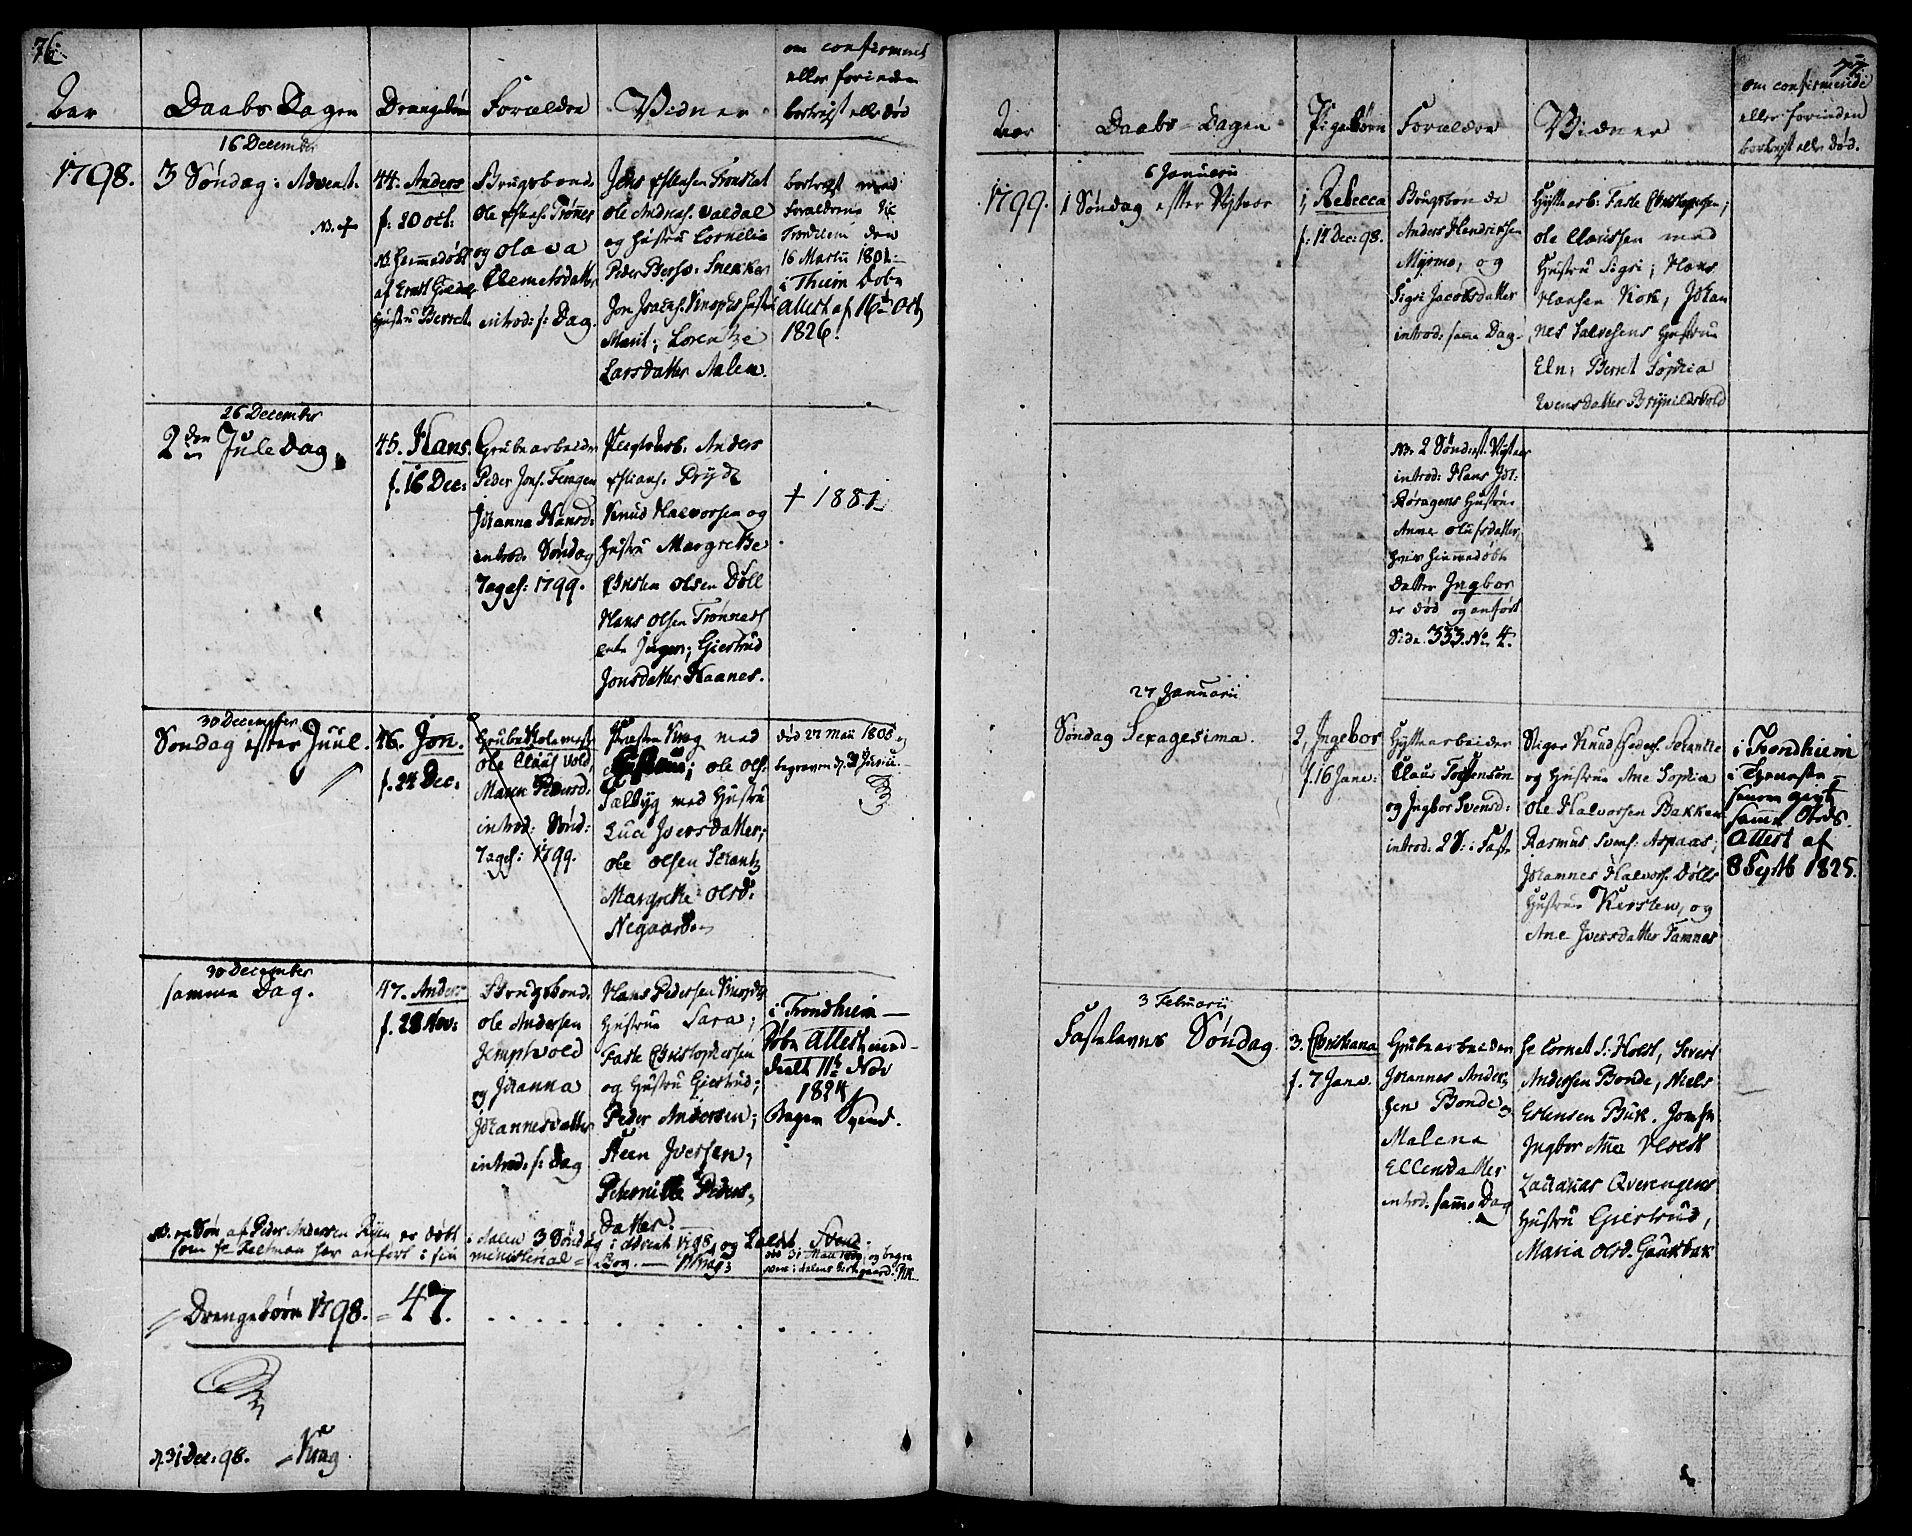 SAT, Ministerialprotokoller, klokkerbøker og fødselsregistre - Sør-Trøndelag, 681/L0927: Ministerialbok nr. 681A05, 1798-1808, s. 76-77